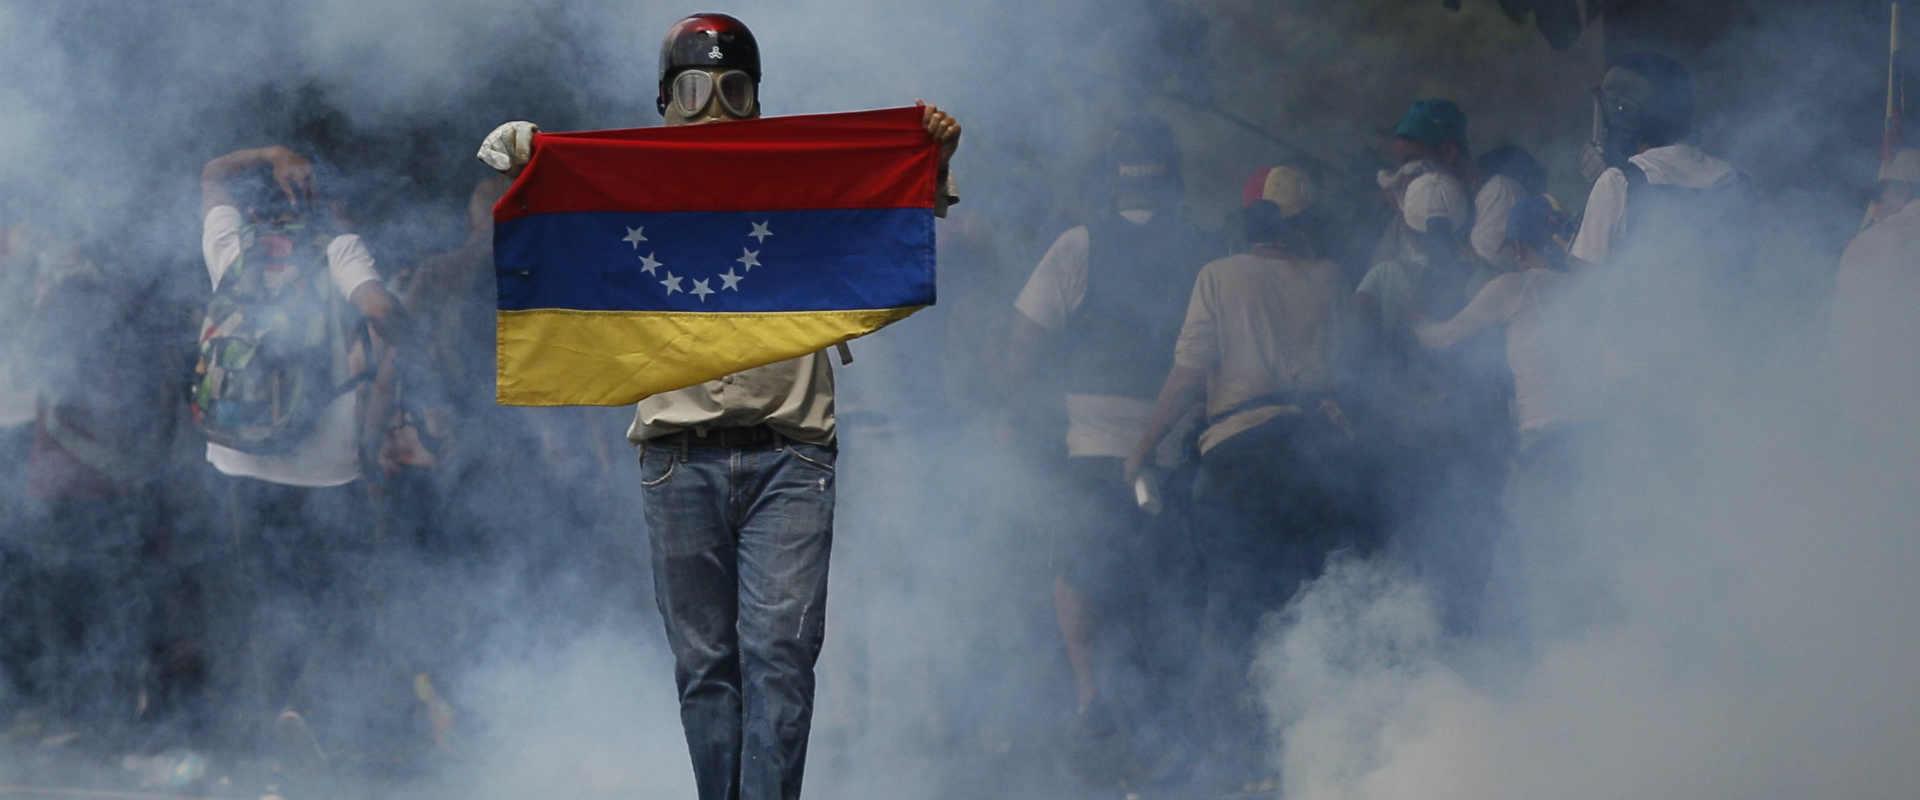 (הפגנה בוונצואלה. צילום: AP)